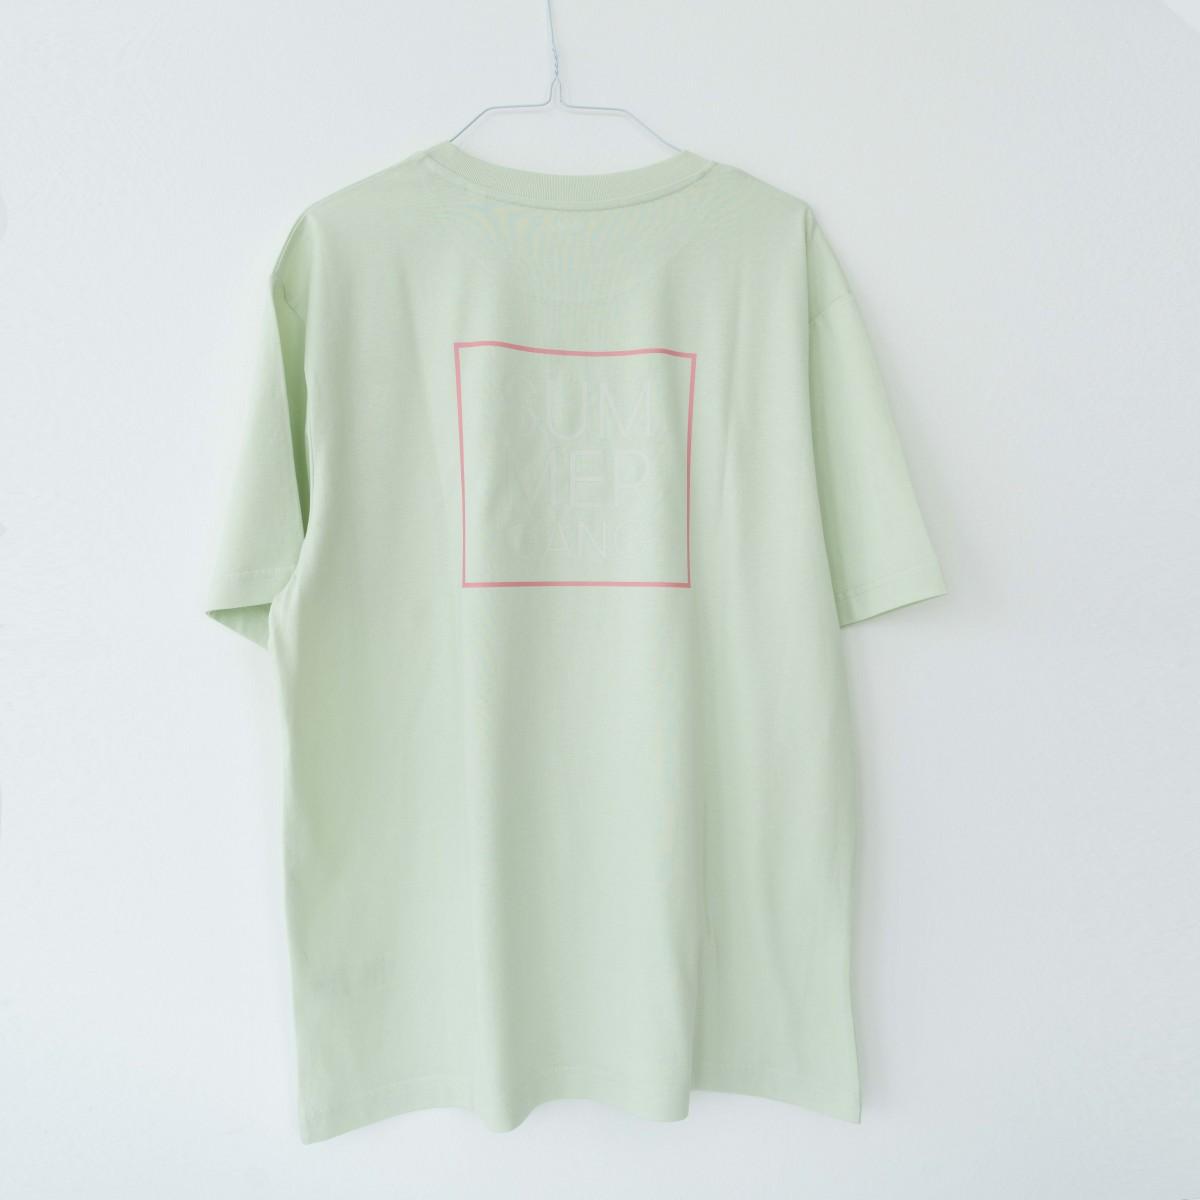 t-shirt SUMMER GANG wassermelone - PULS good stuff